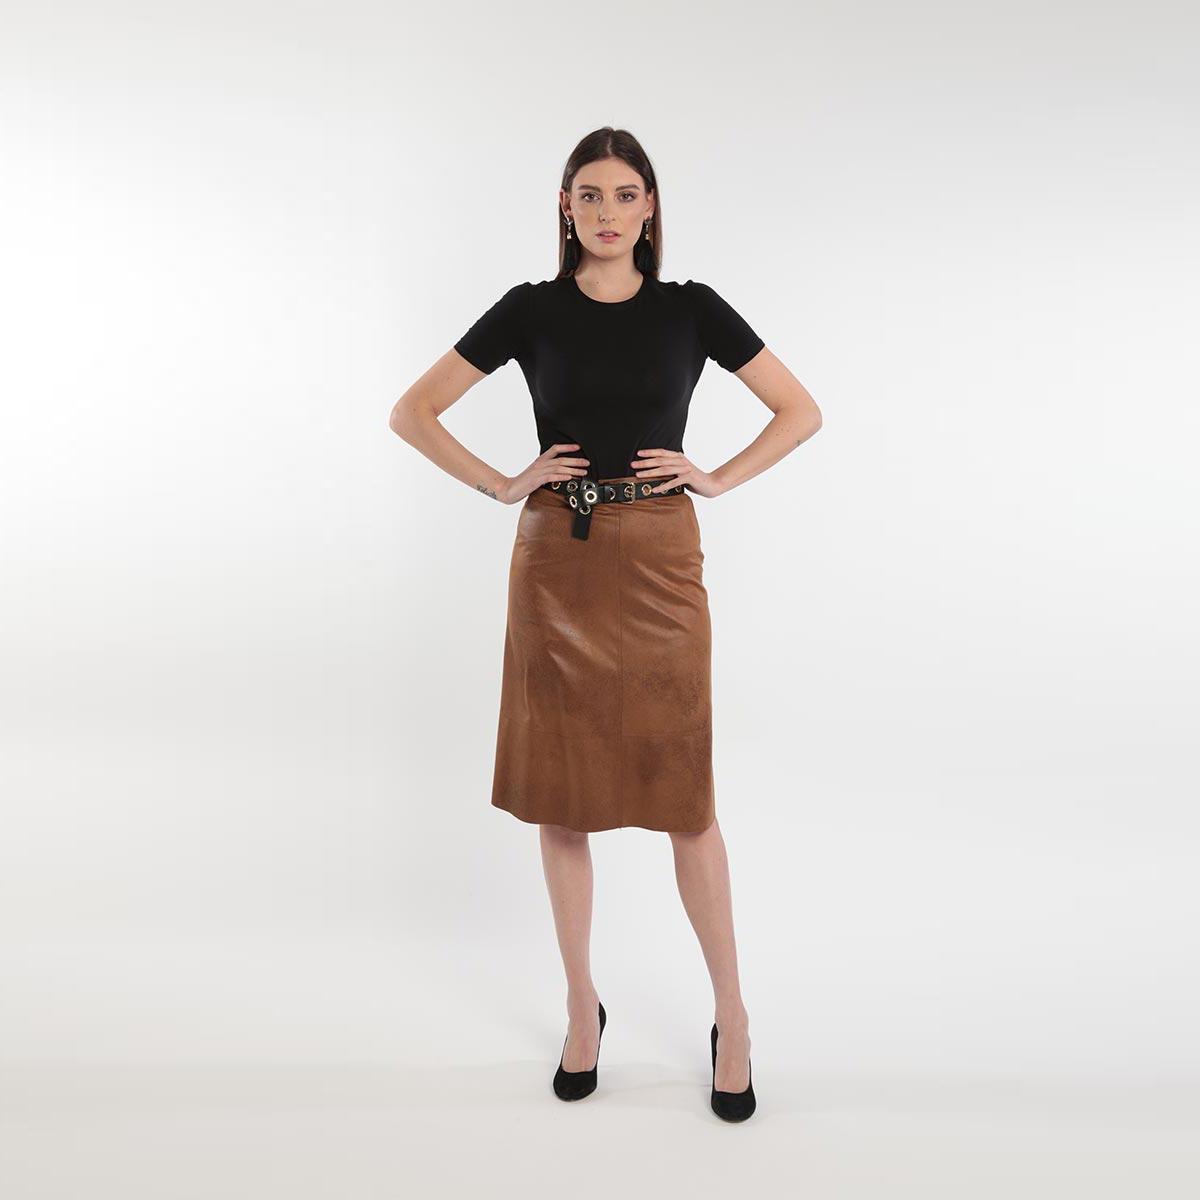 Gonna scamosciata donna curvy primavera 2020 Meteore Fashion